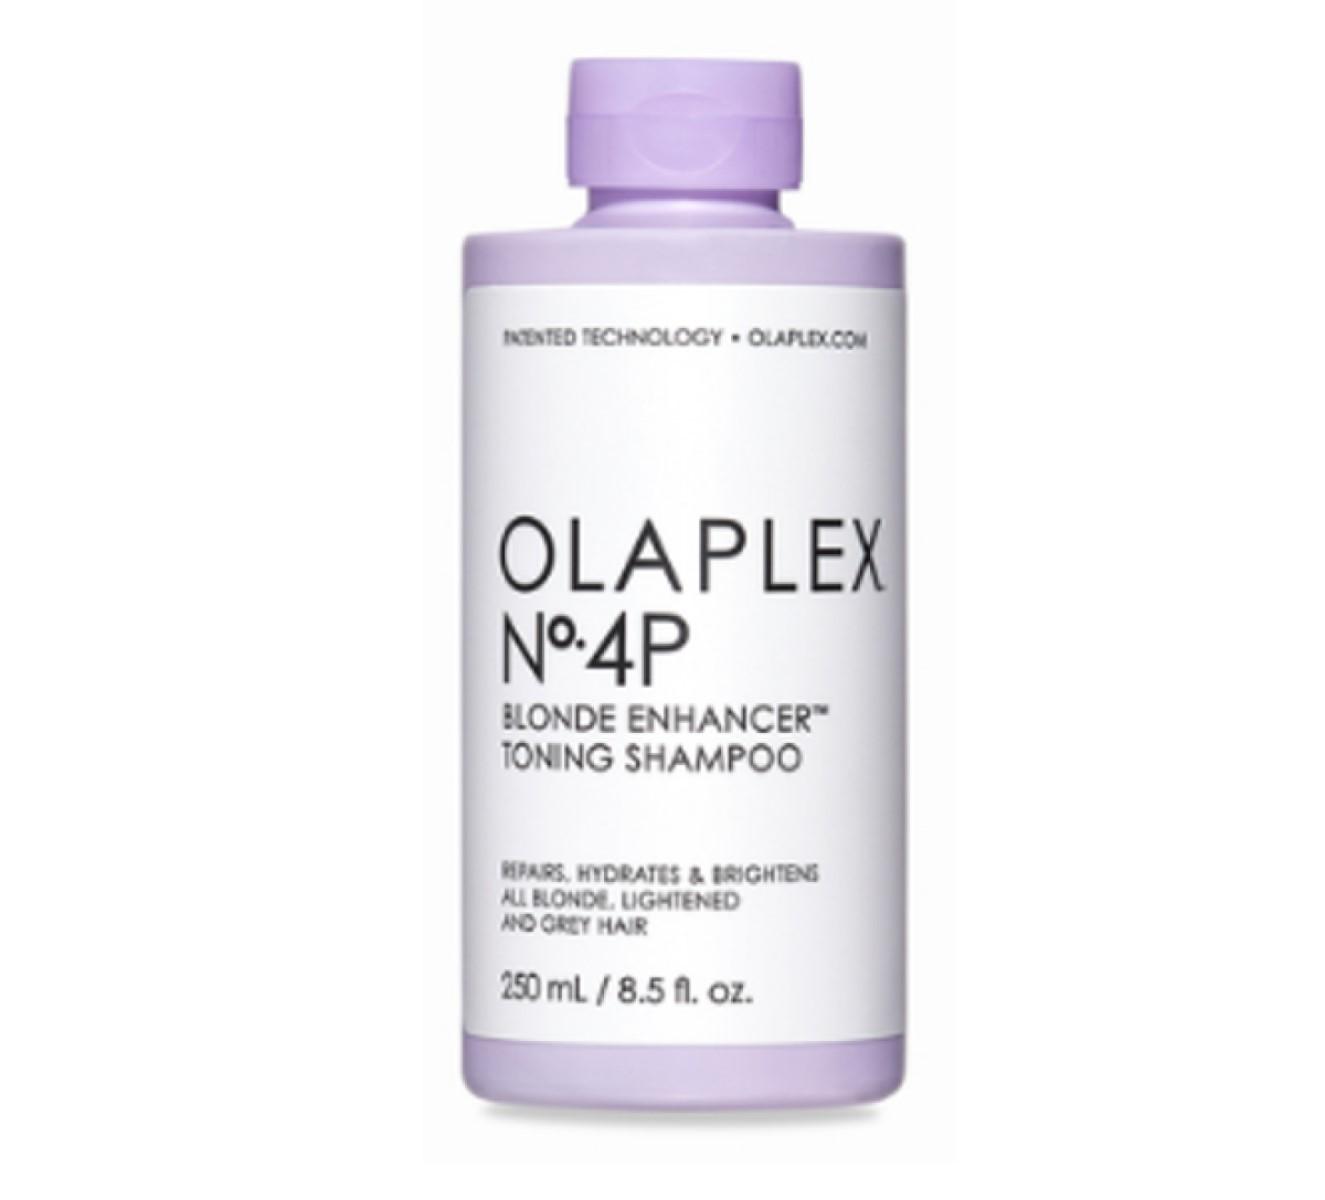 Olaplex 4P Blonde Enhancer Toning Shampoo